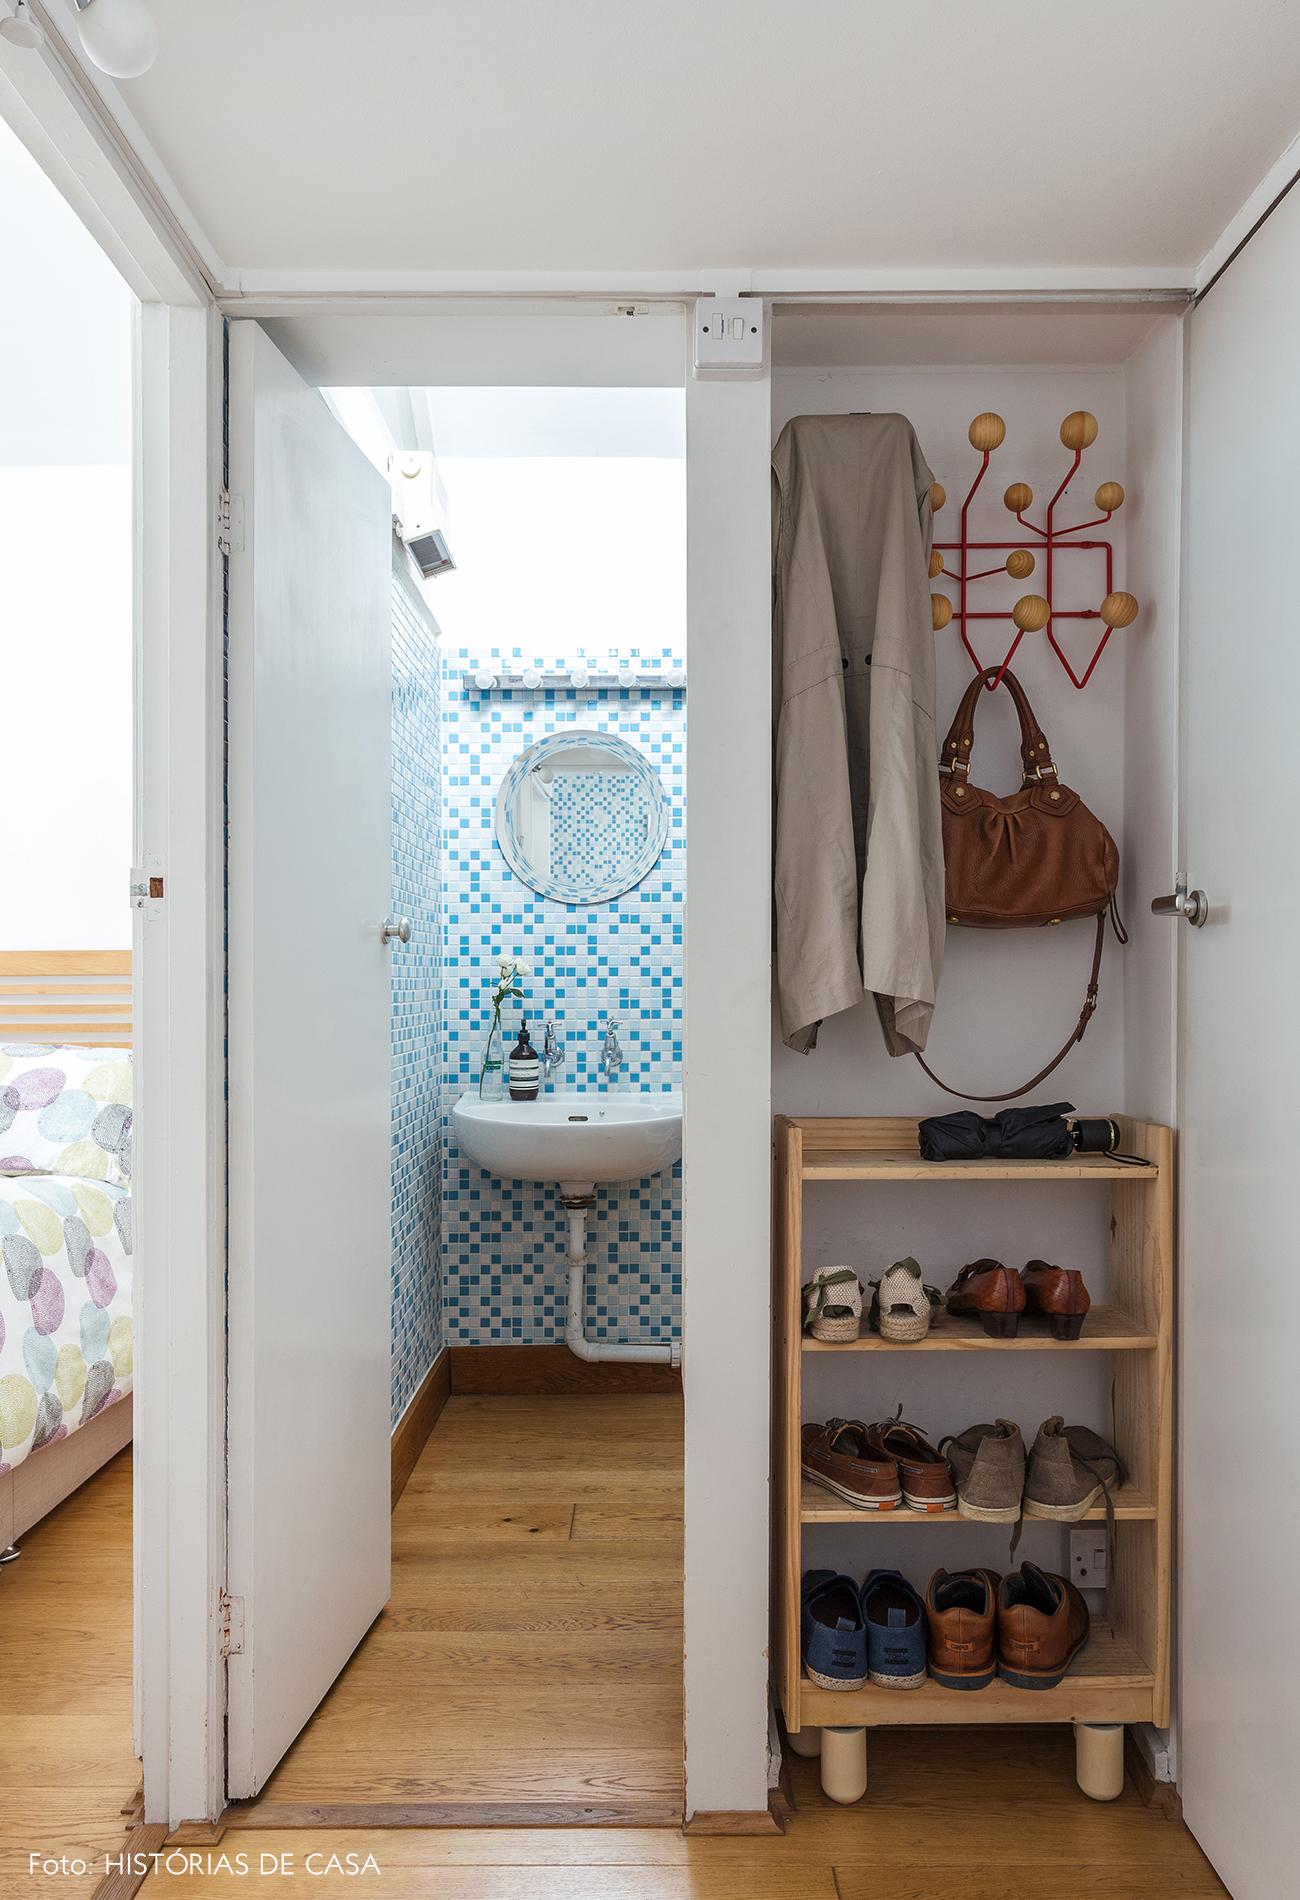 26-decoracao-apartamento-banheiro-com-pastilhas-azuis